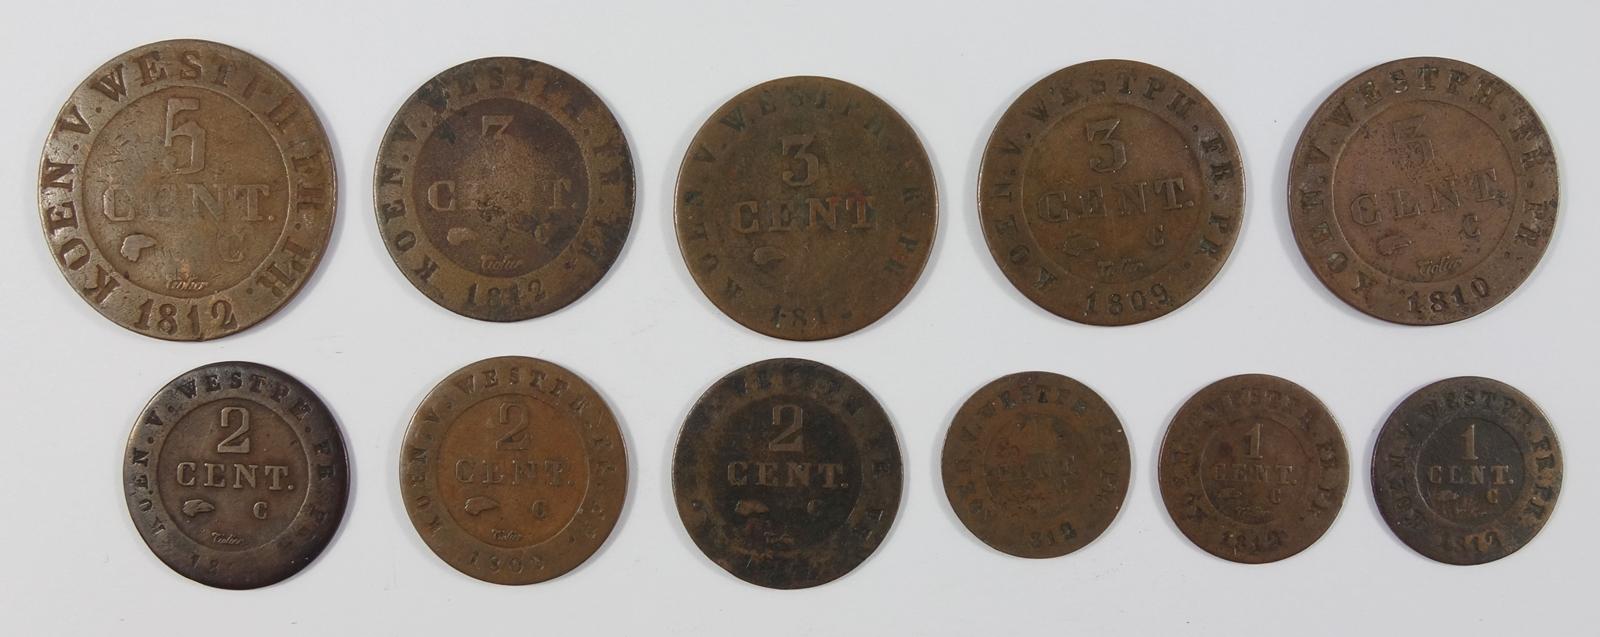 11 Cent-Stücke, Westfalen, Hieronymus Napoleon: 3*1 Cent 1812; 3* 2 Cent 1809 (2*unlesbar), 4* 3